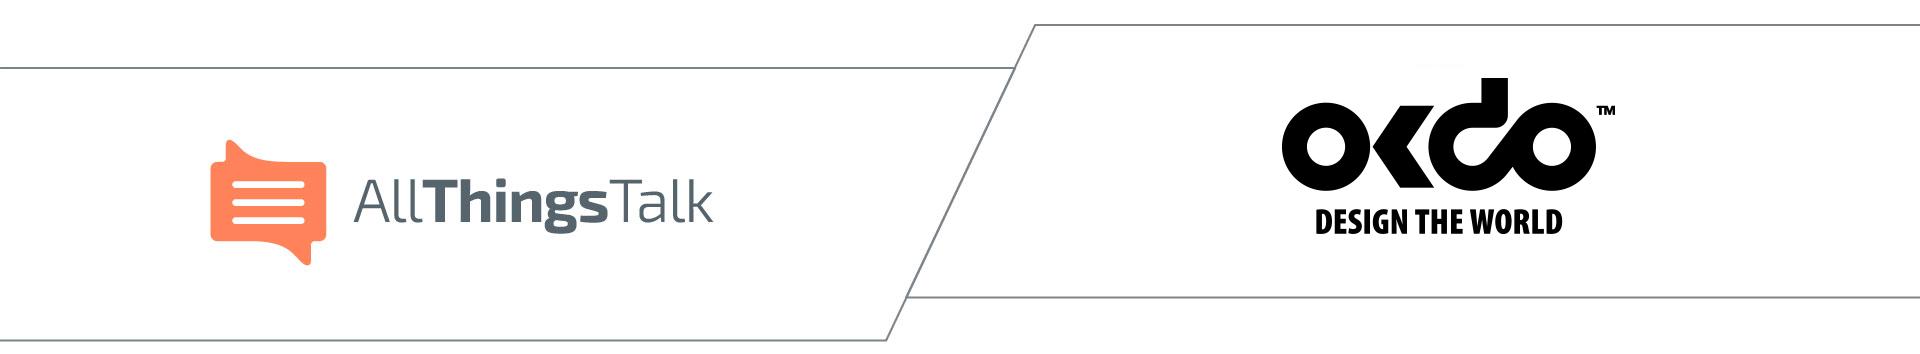 att-okdo-logos